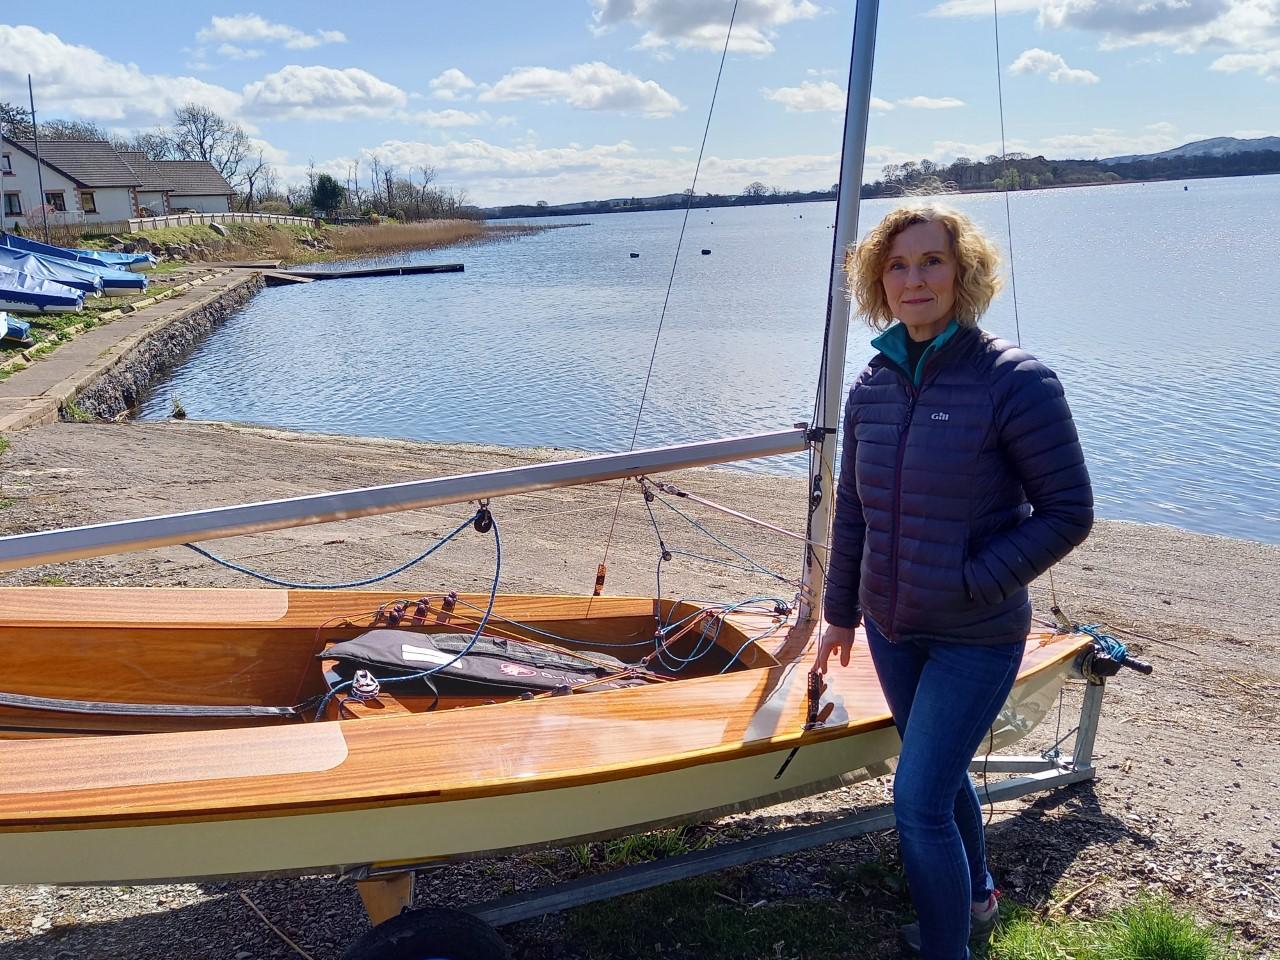 Commodore prepares into launch new sail season